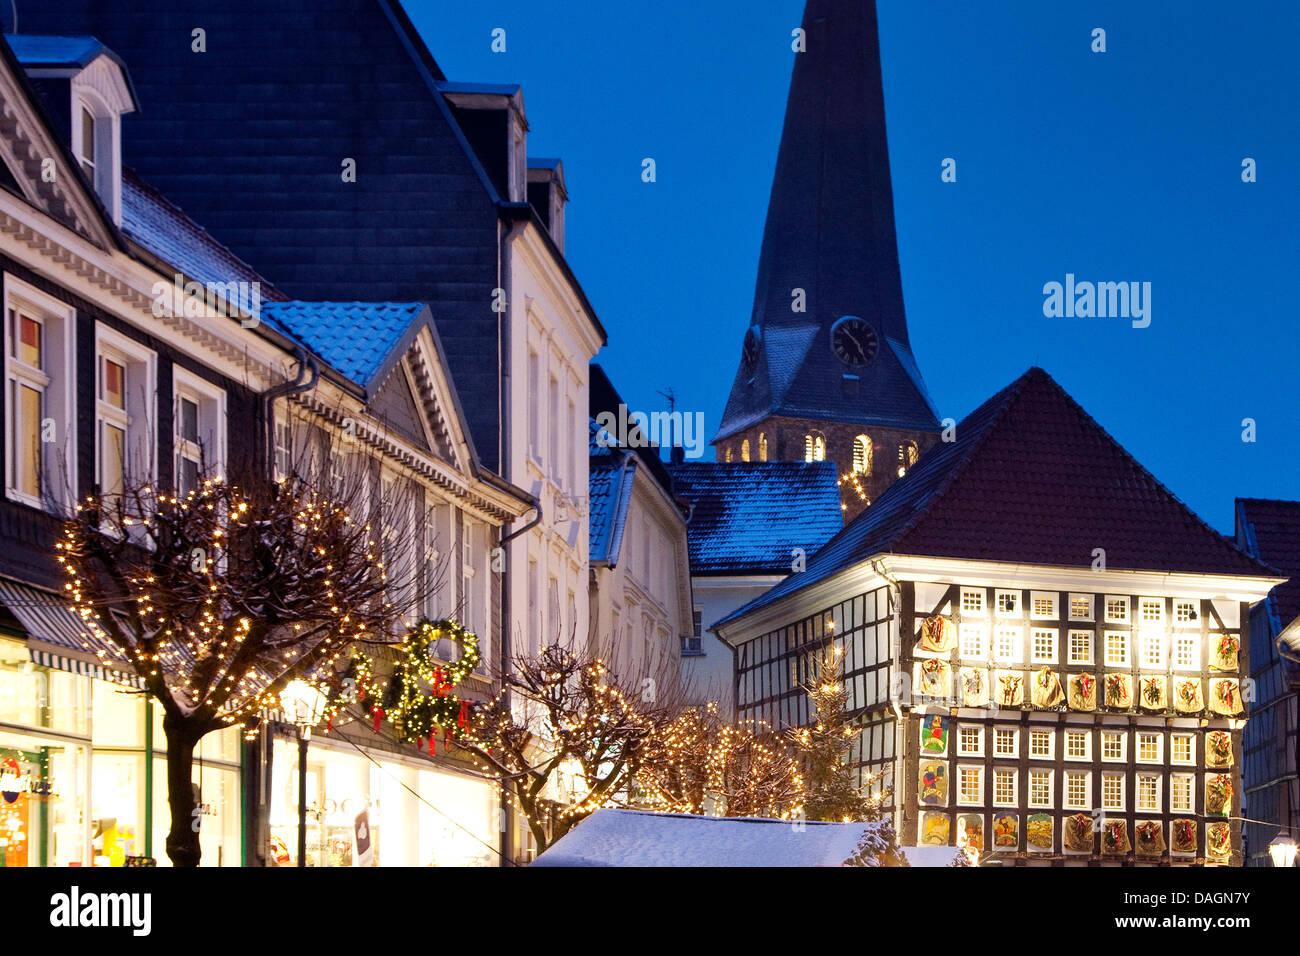 Alte Weihnachtskalender.Adventskalender Auf Das Alte Rathaus Auf Dem Weihnachtsmarkt In Der